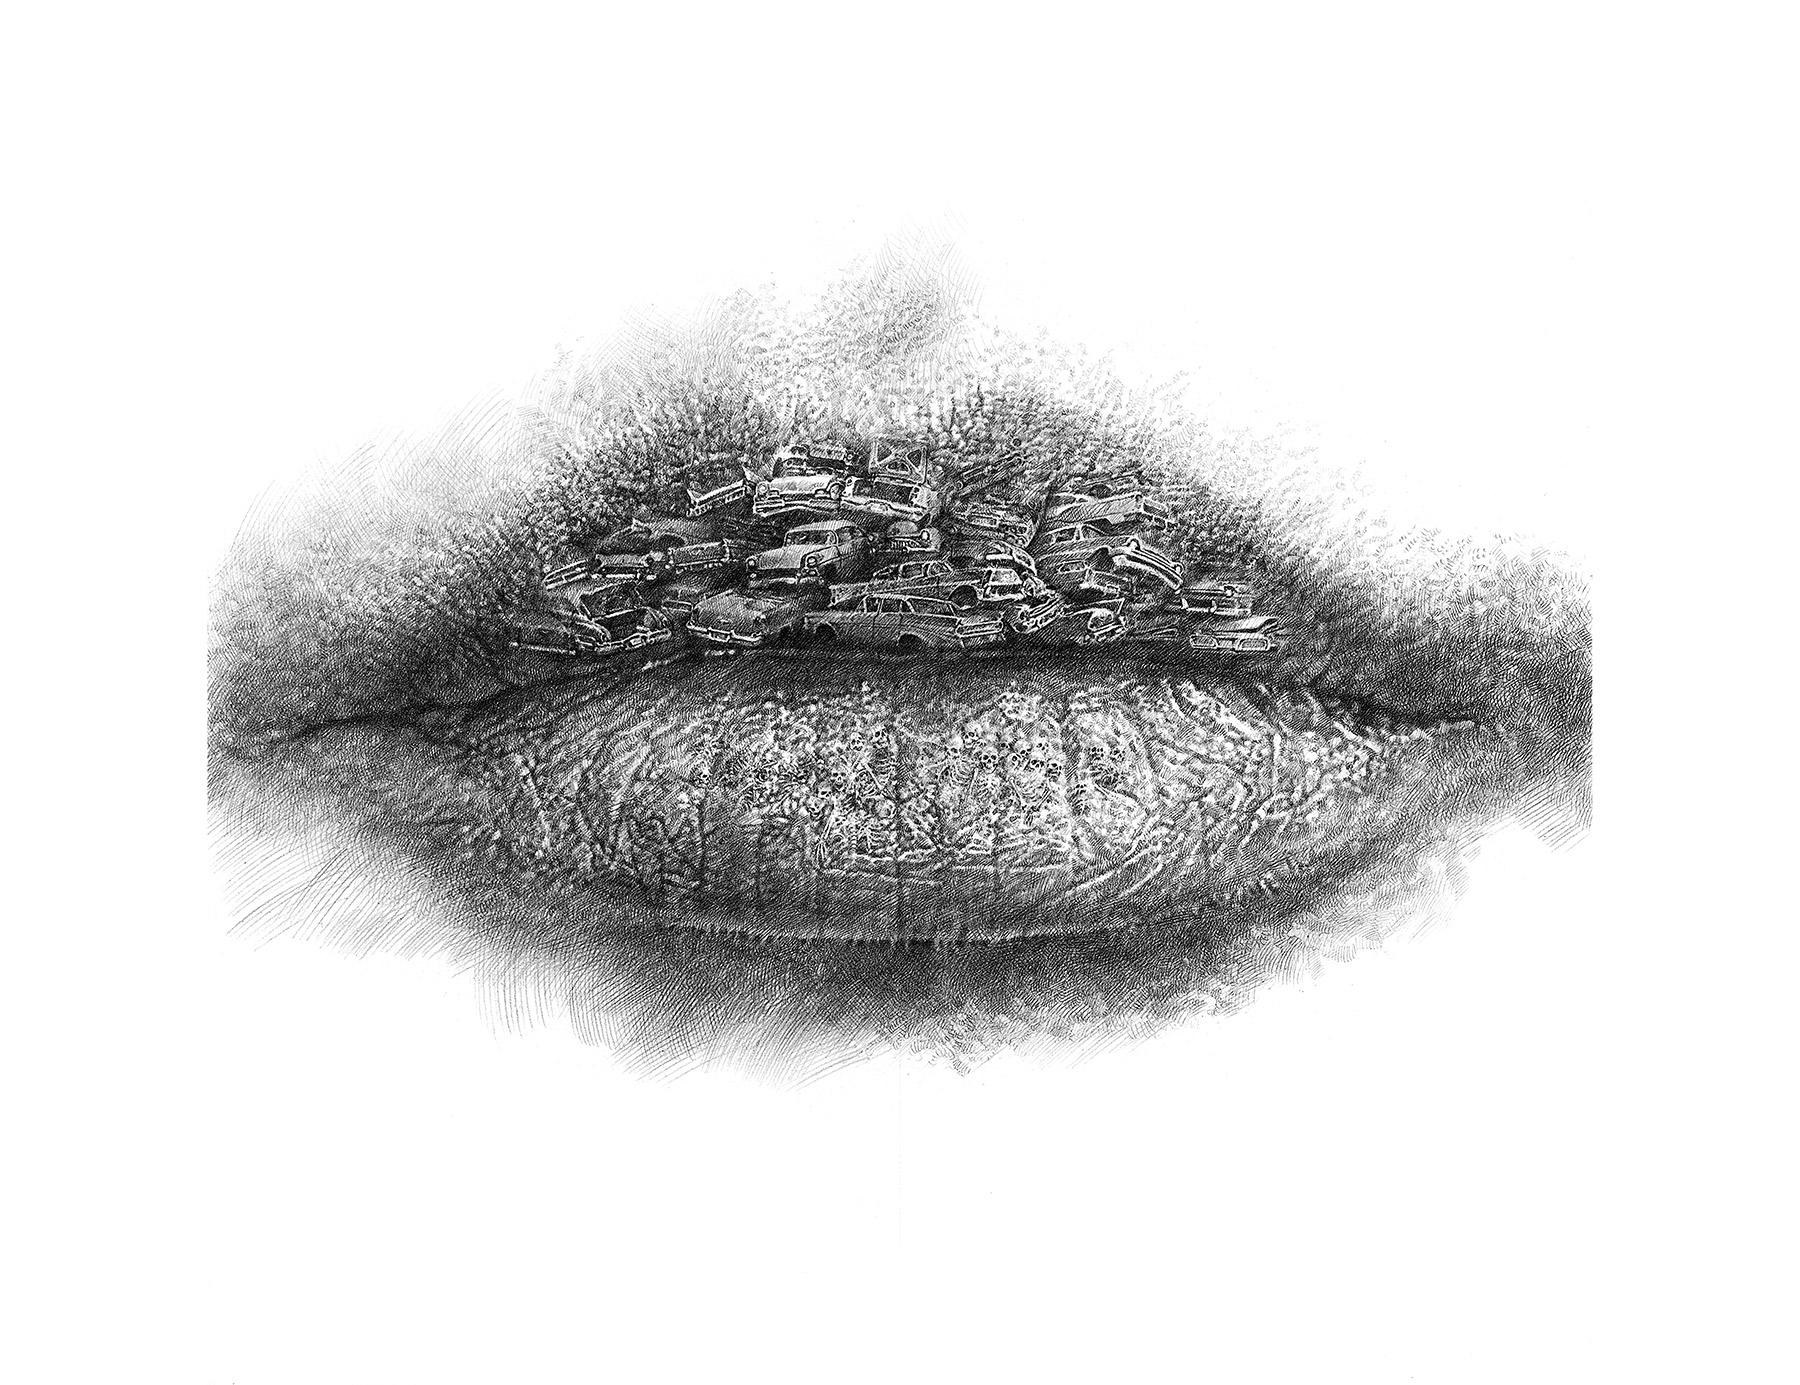 lips-series-06.15-waste.jpg